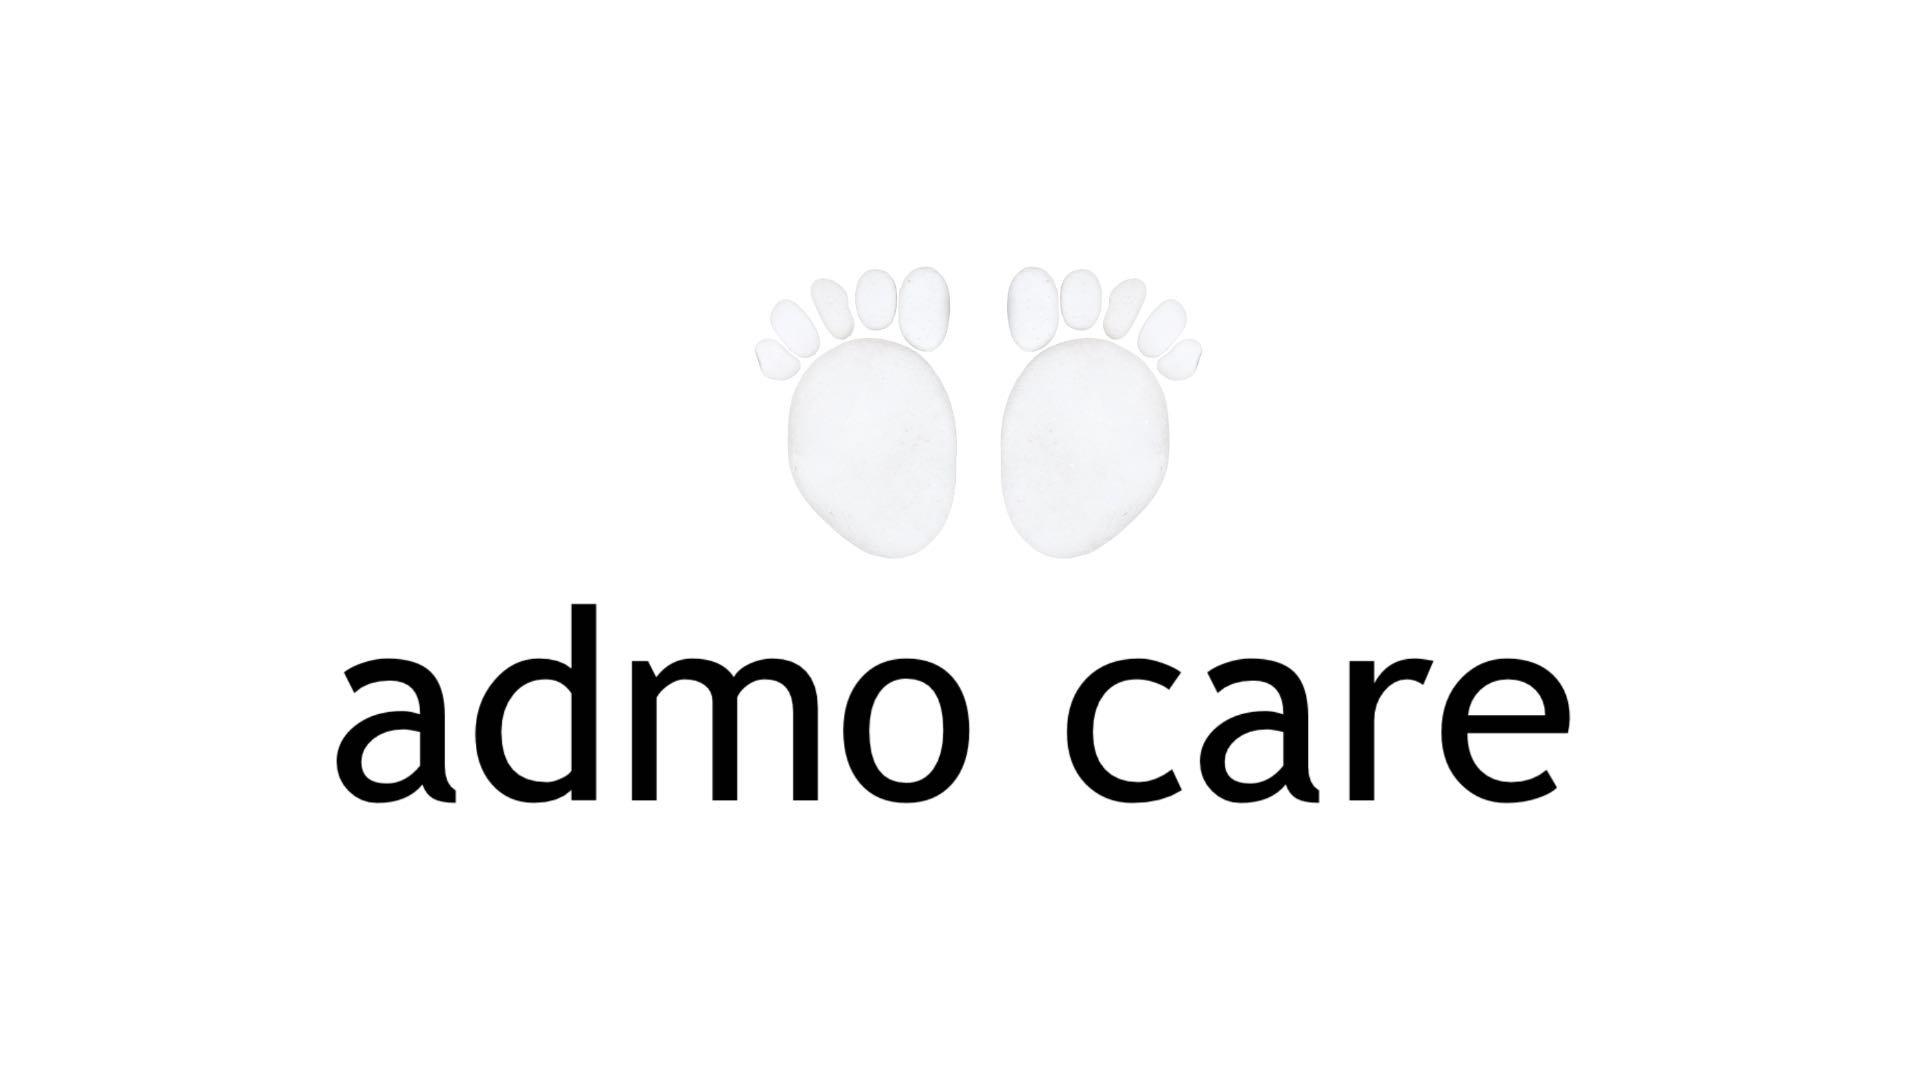 admo care